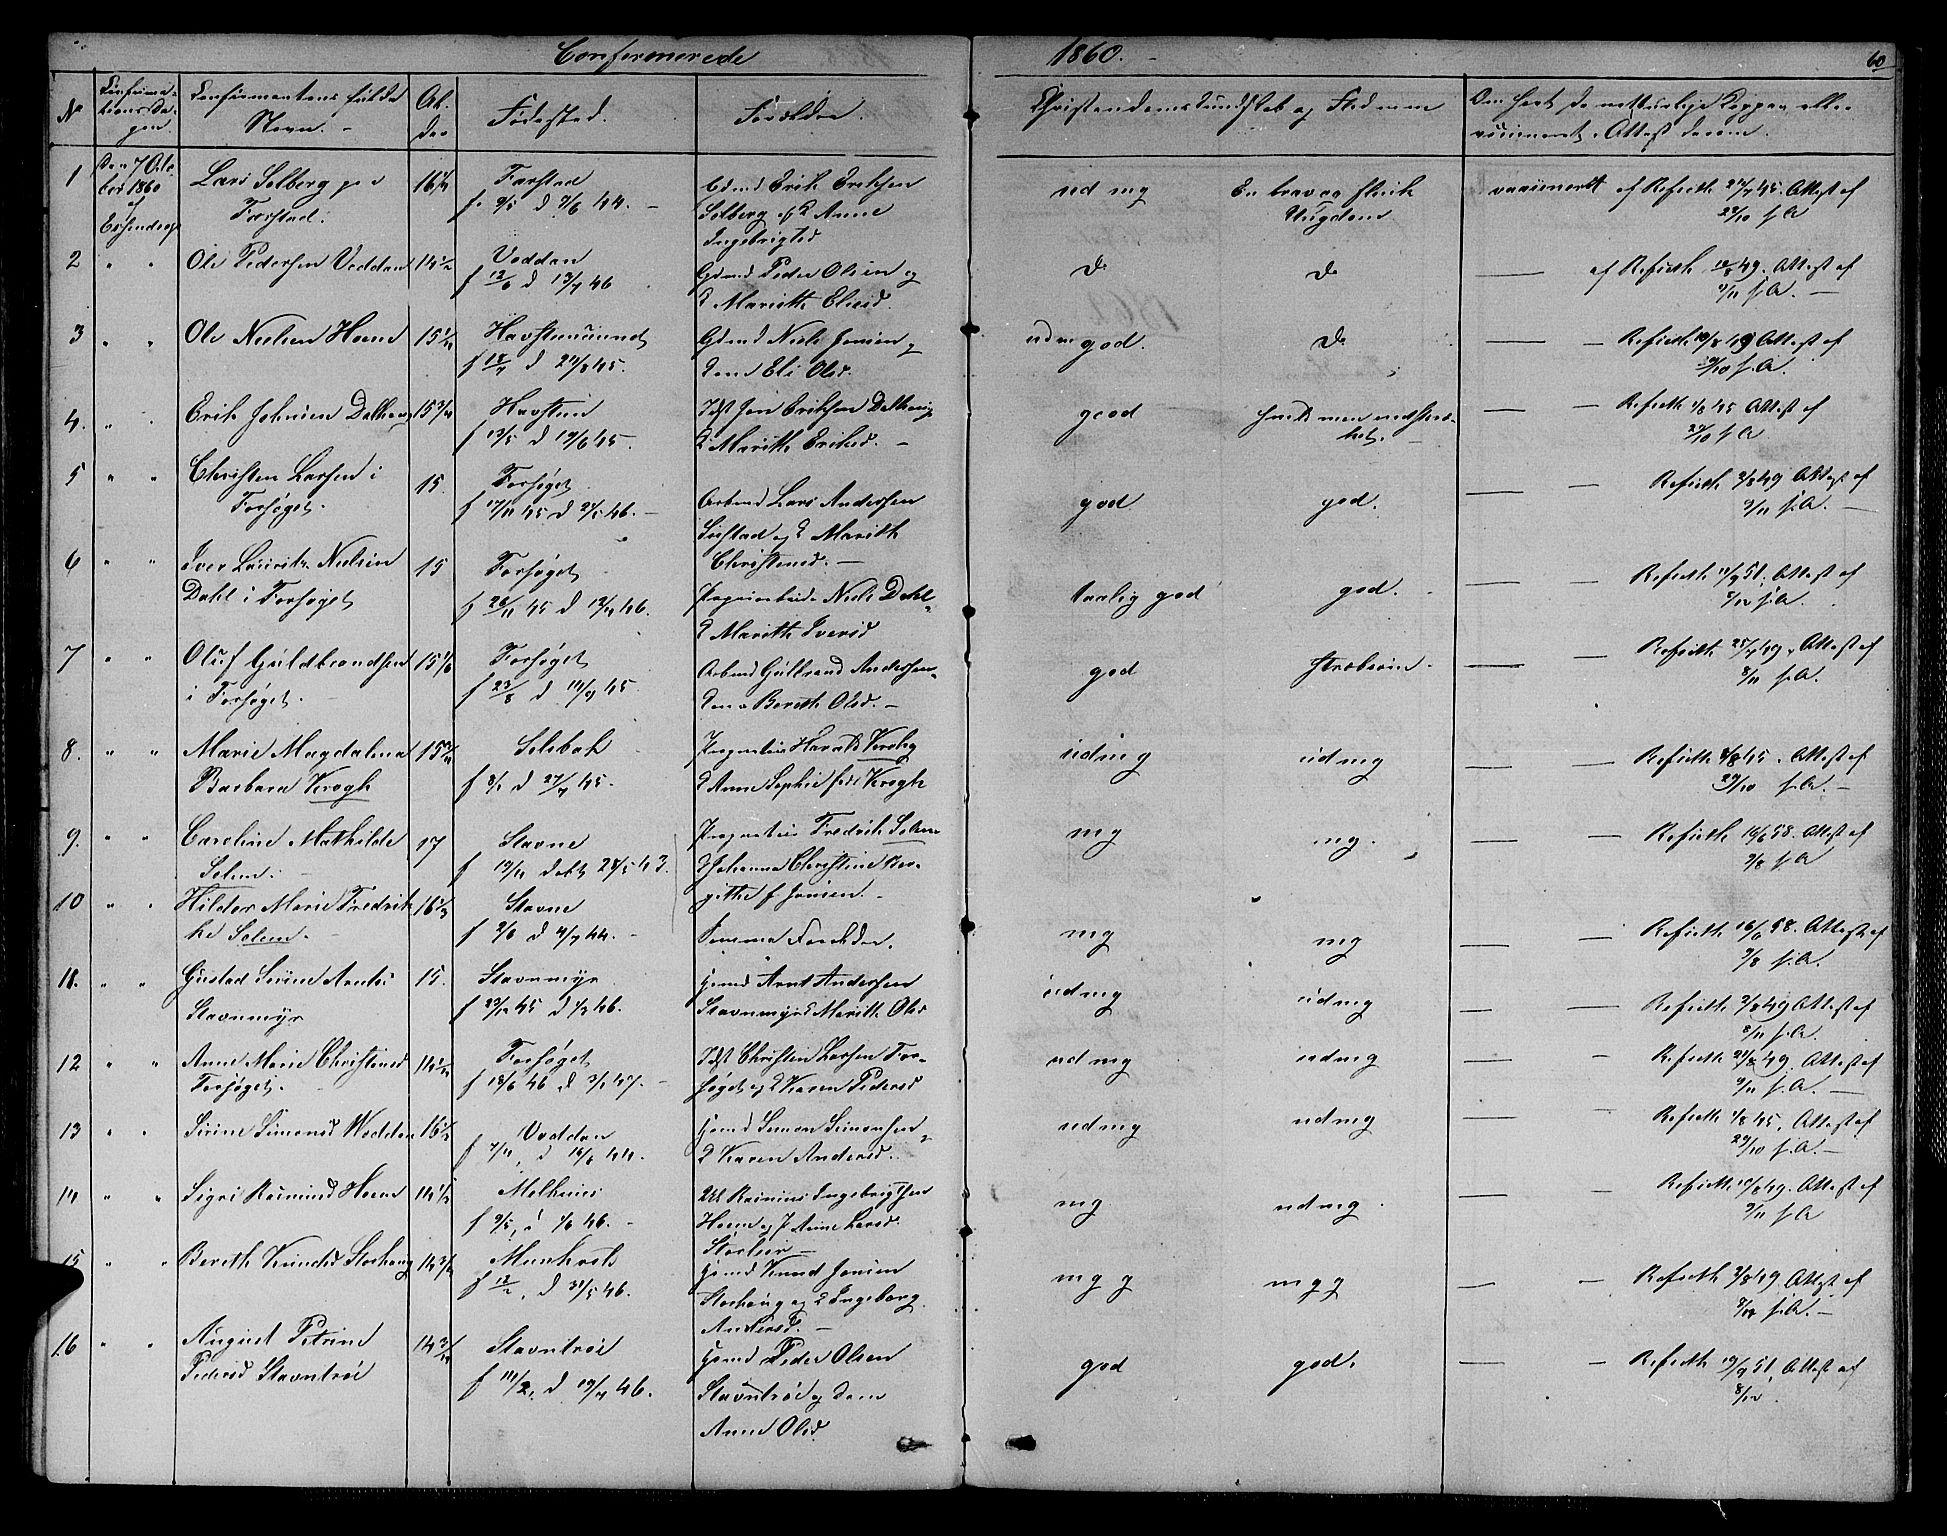 SAT, Ministerialprotokoller, klokkerbøker og fødselsregistre - Sør-Trøndelag, 611/L0353: Klokkerbok nr. 611C01, 1854-1881, s. 60